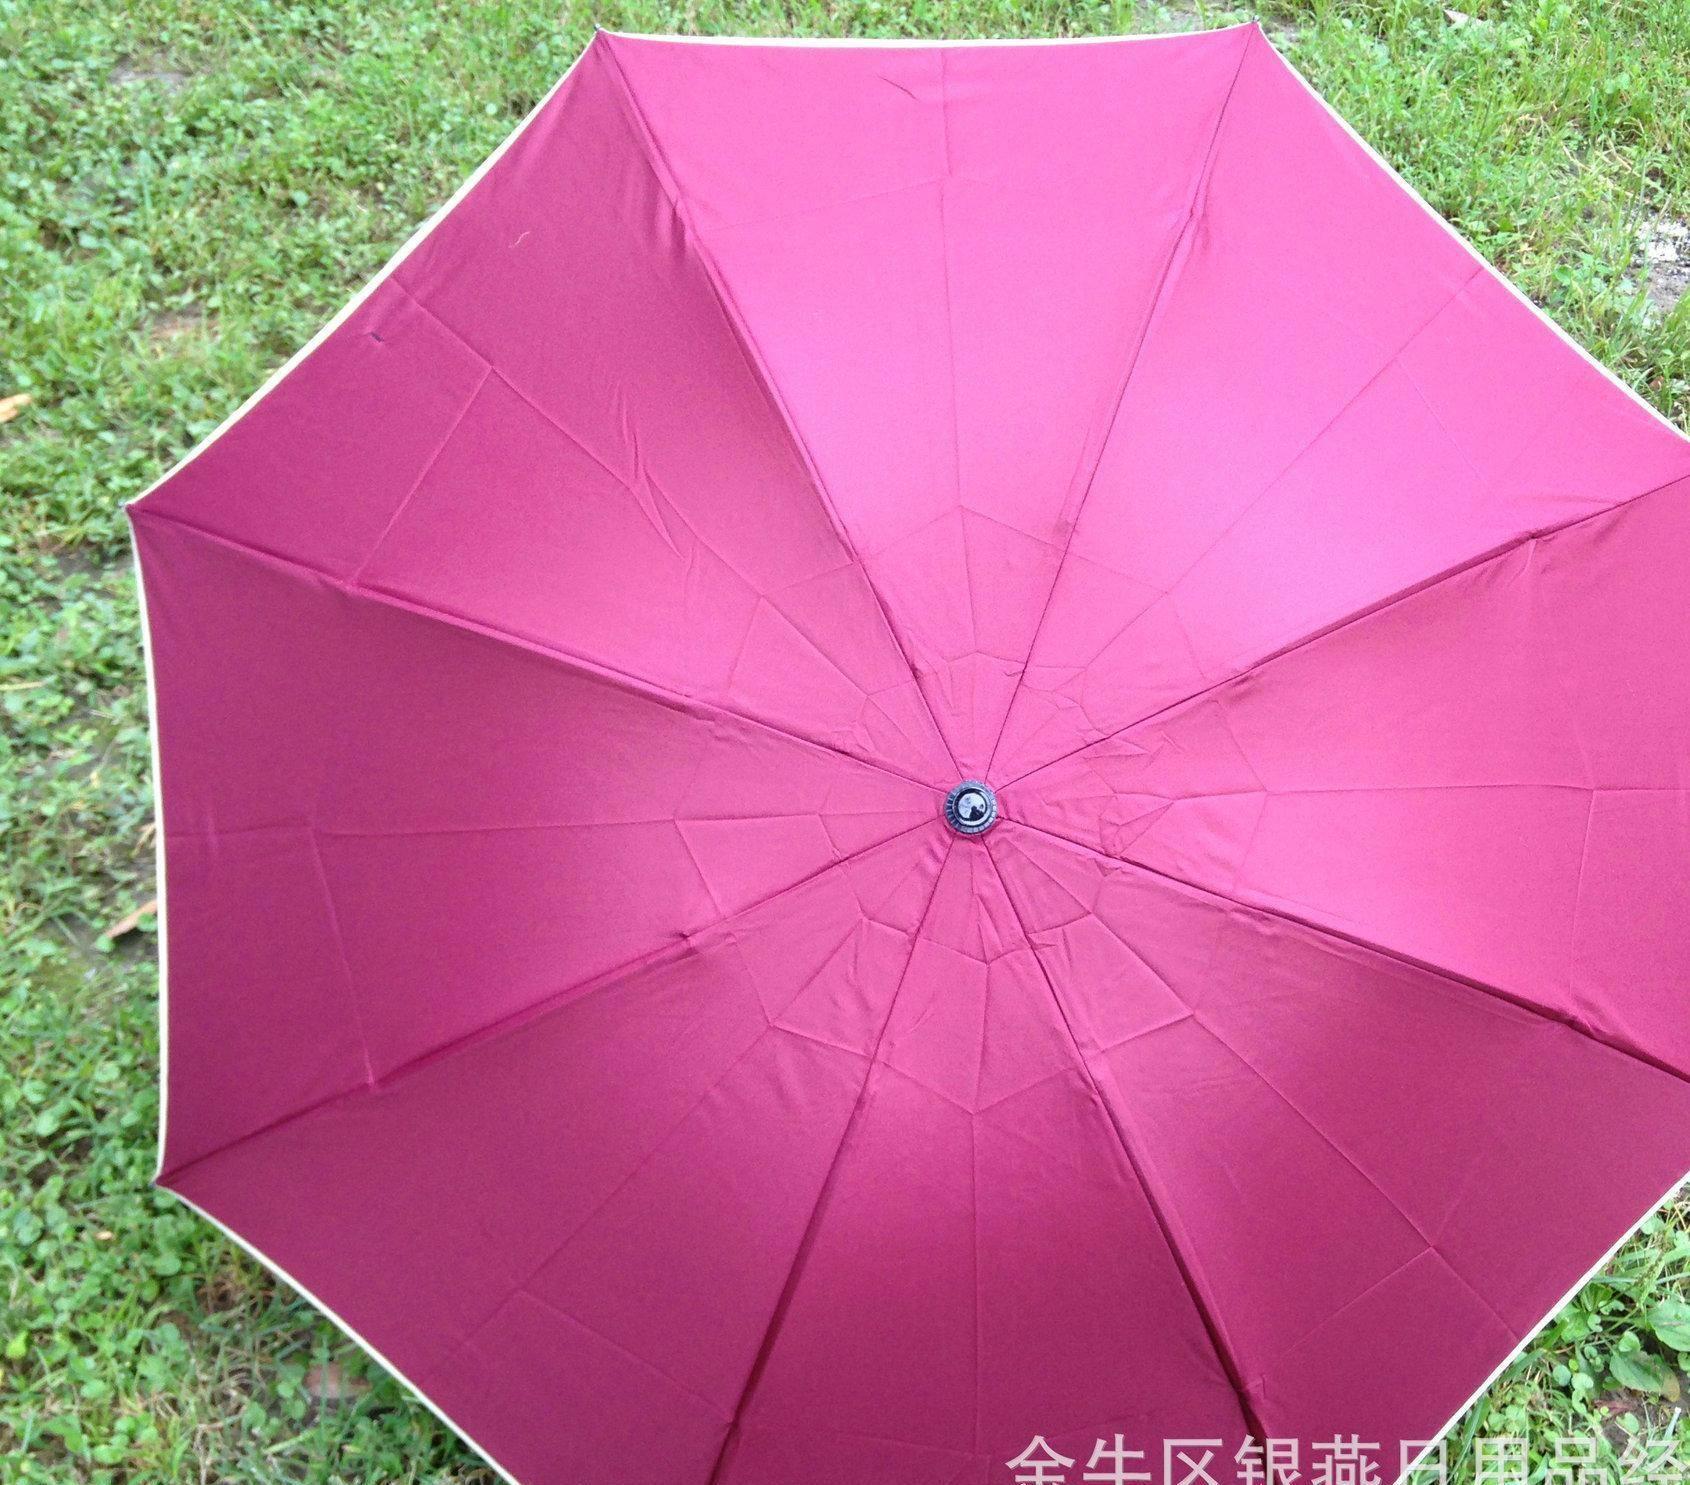 三折烤漆钢骨架碰起布伞素色强力拒水8骨商务伞晴雨伞订做广告伞